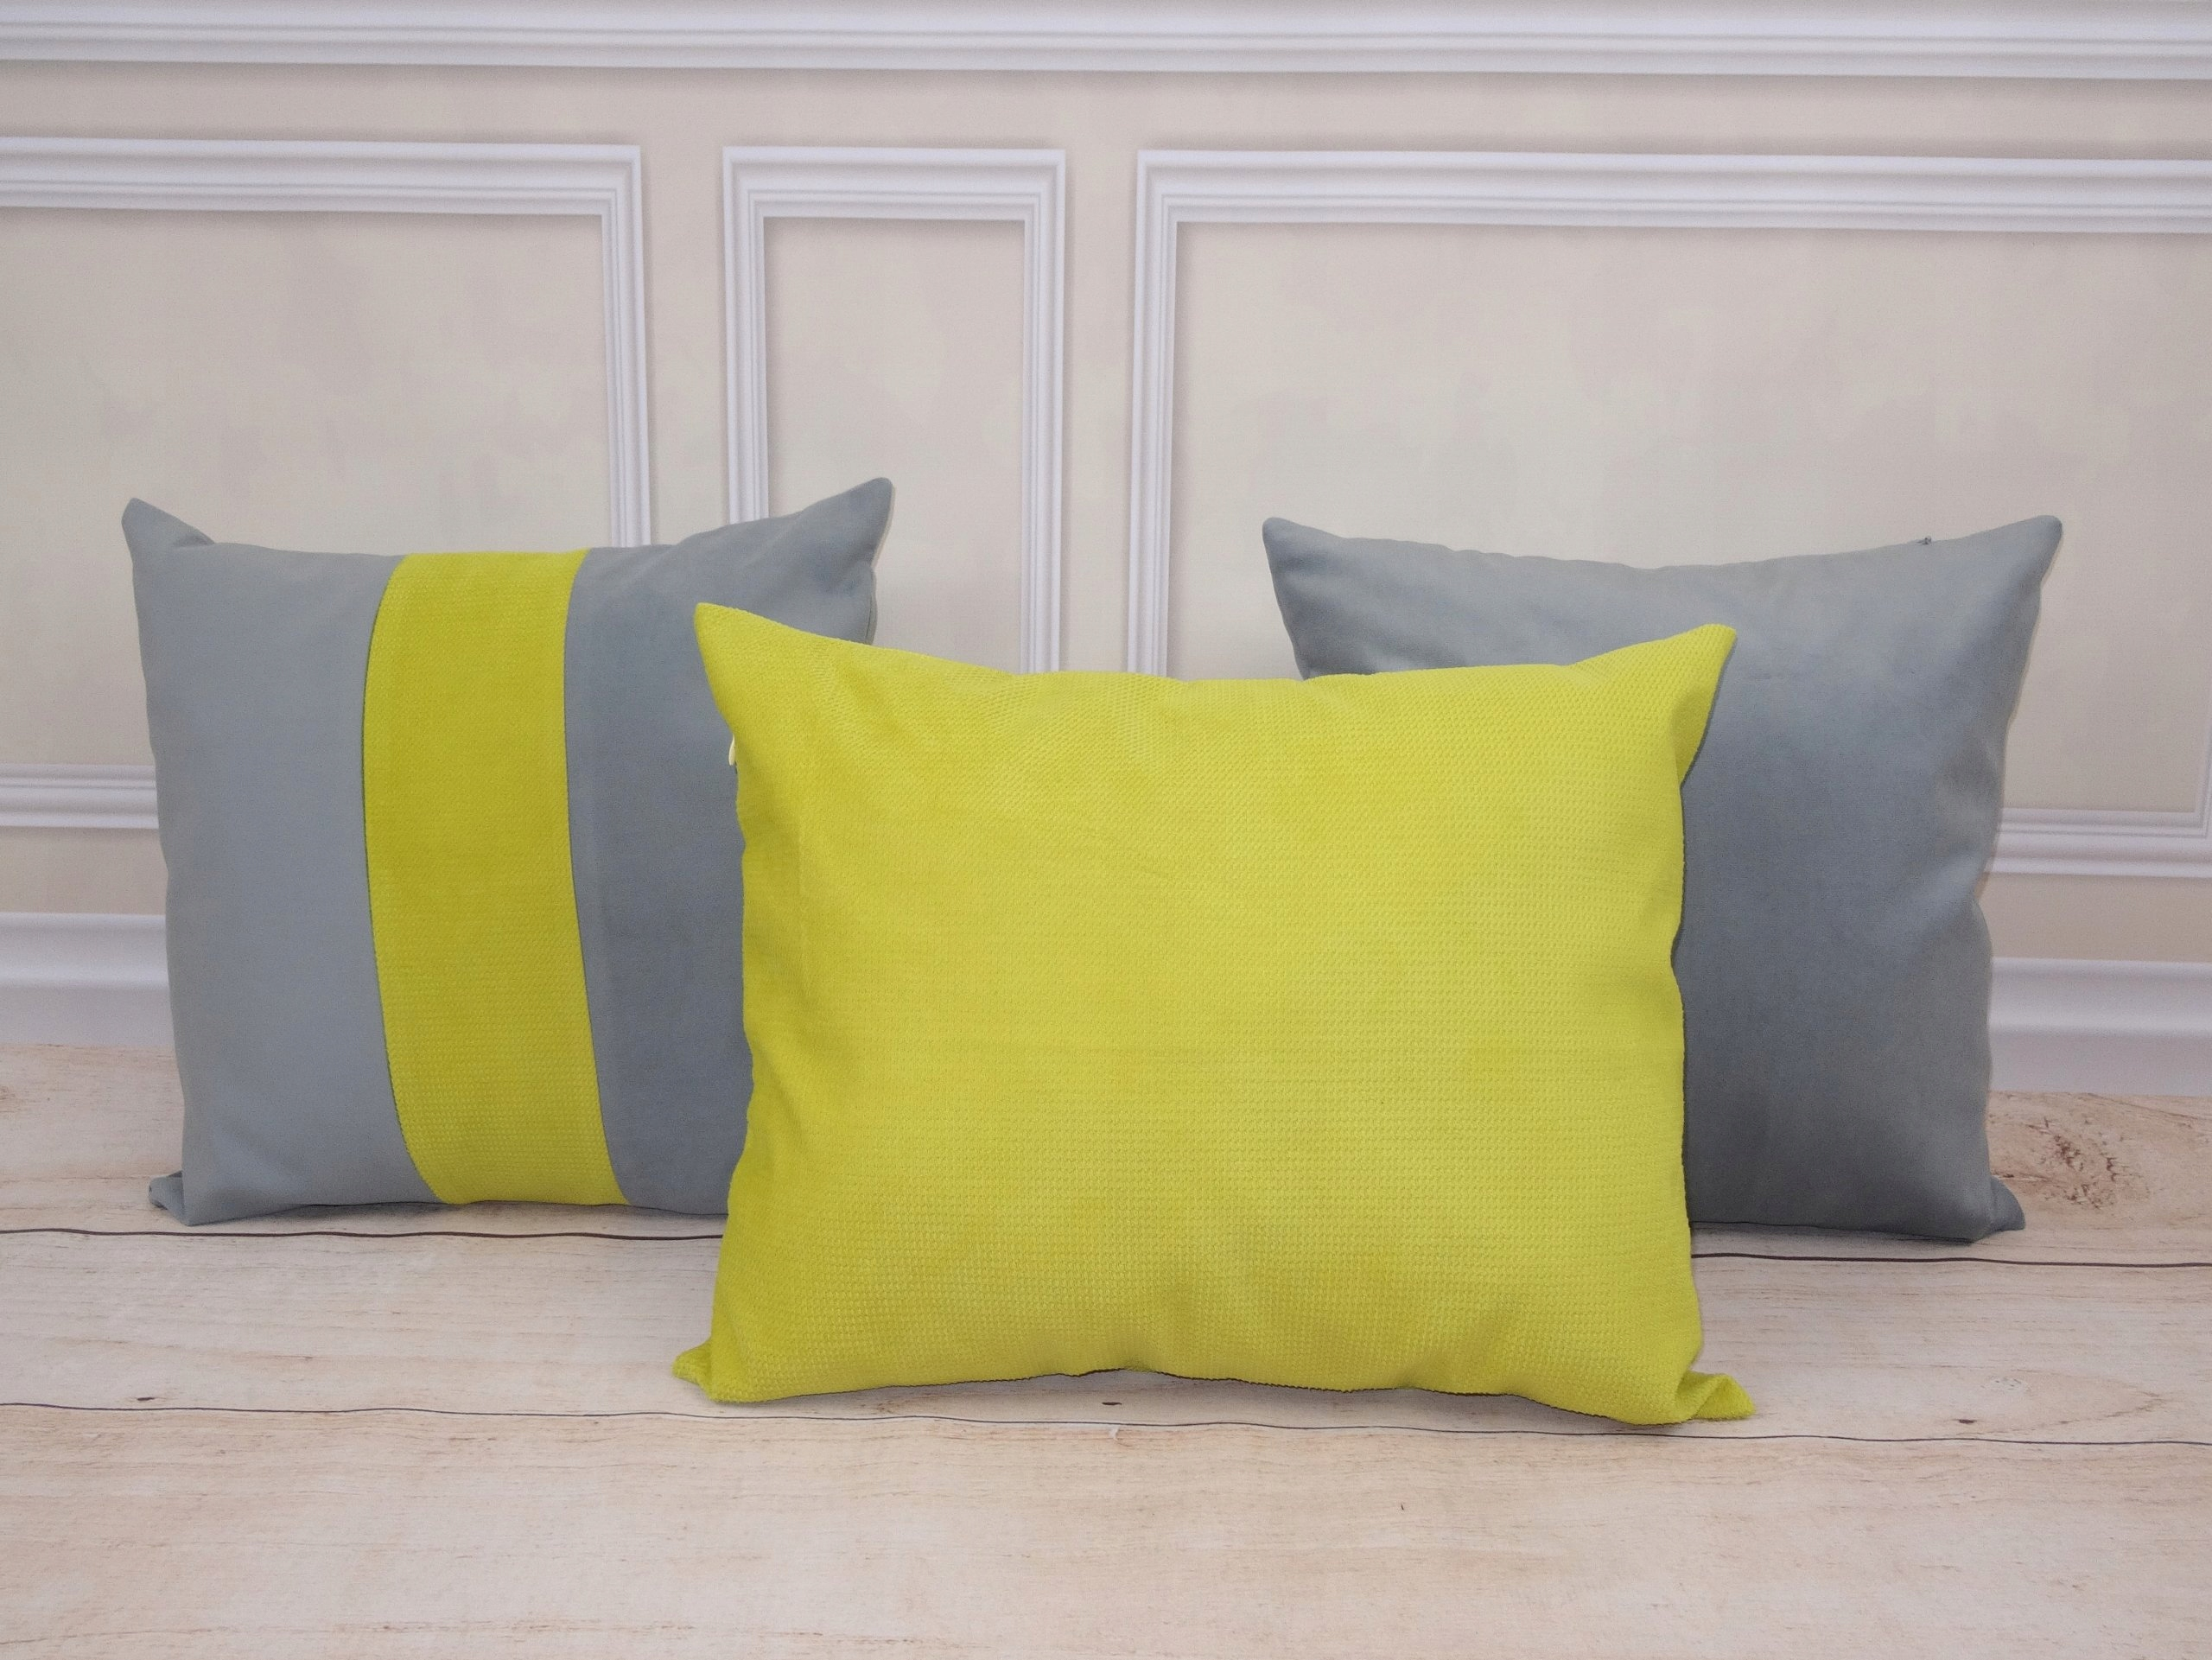 3 Poduszki Dekoracyjne żółto Szare 7316938530 Oficjalne